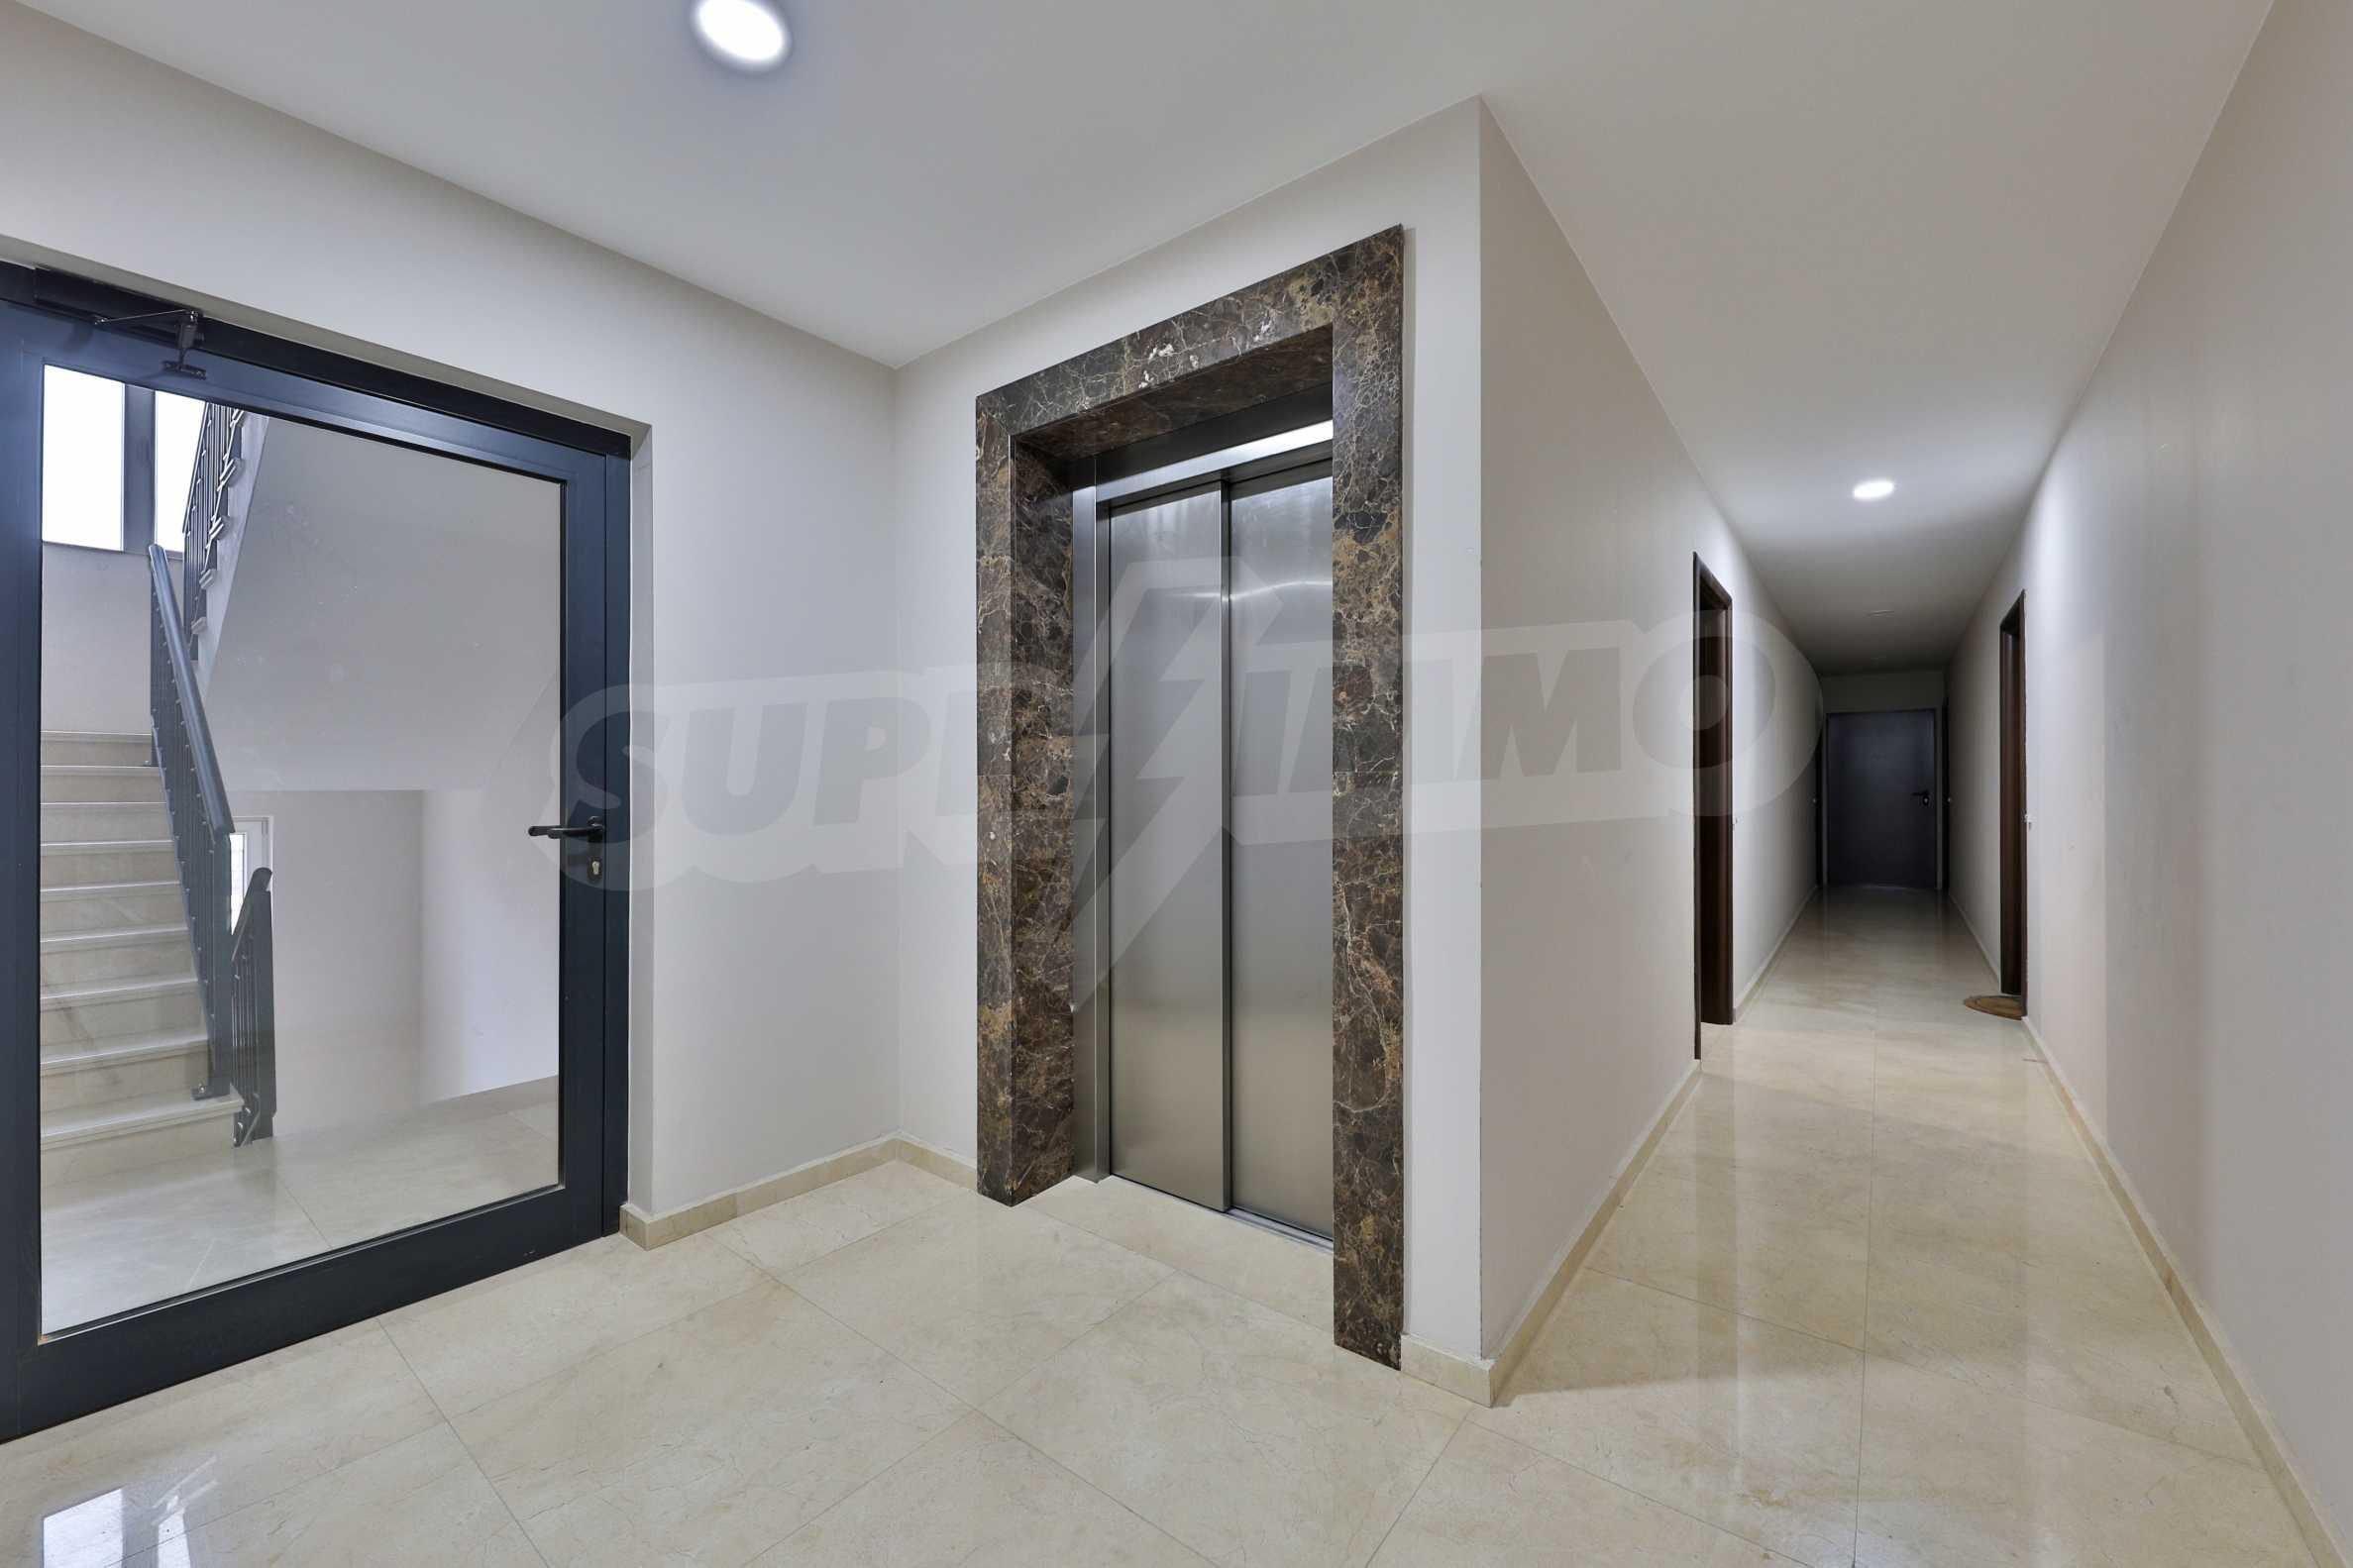 Нов, дизайнерски обзаведен двустаен апартамент с гараж в Центъра до метростанция и парк 14